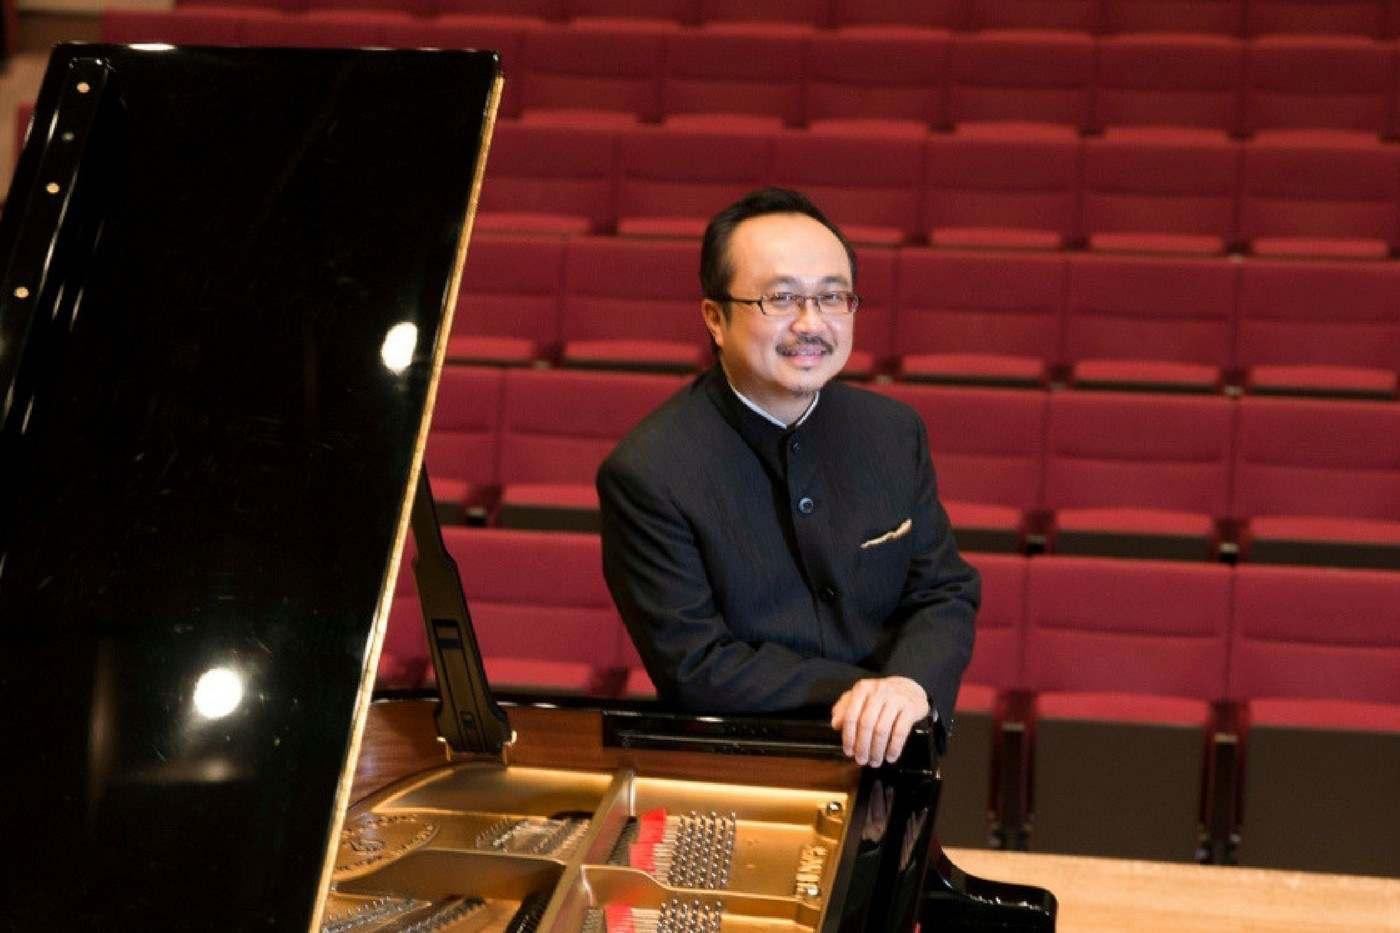 top những nghệ sỹ piano nổi tiếng nhất Việt Nam và thế giới